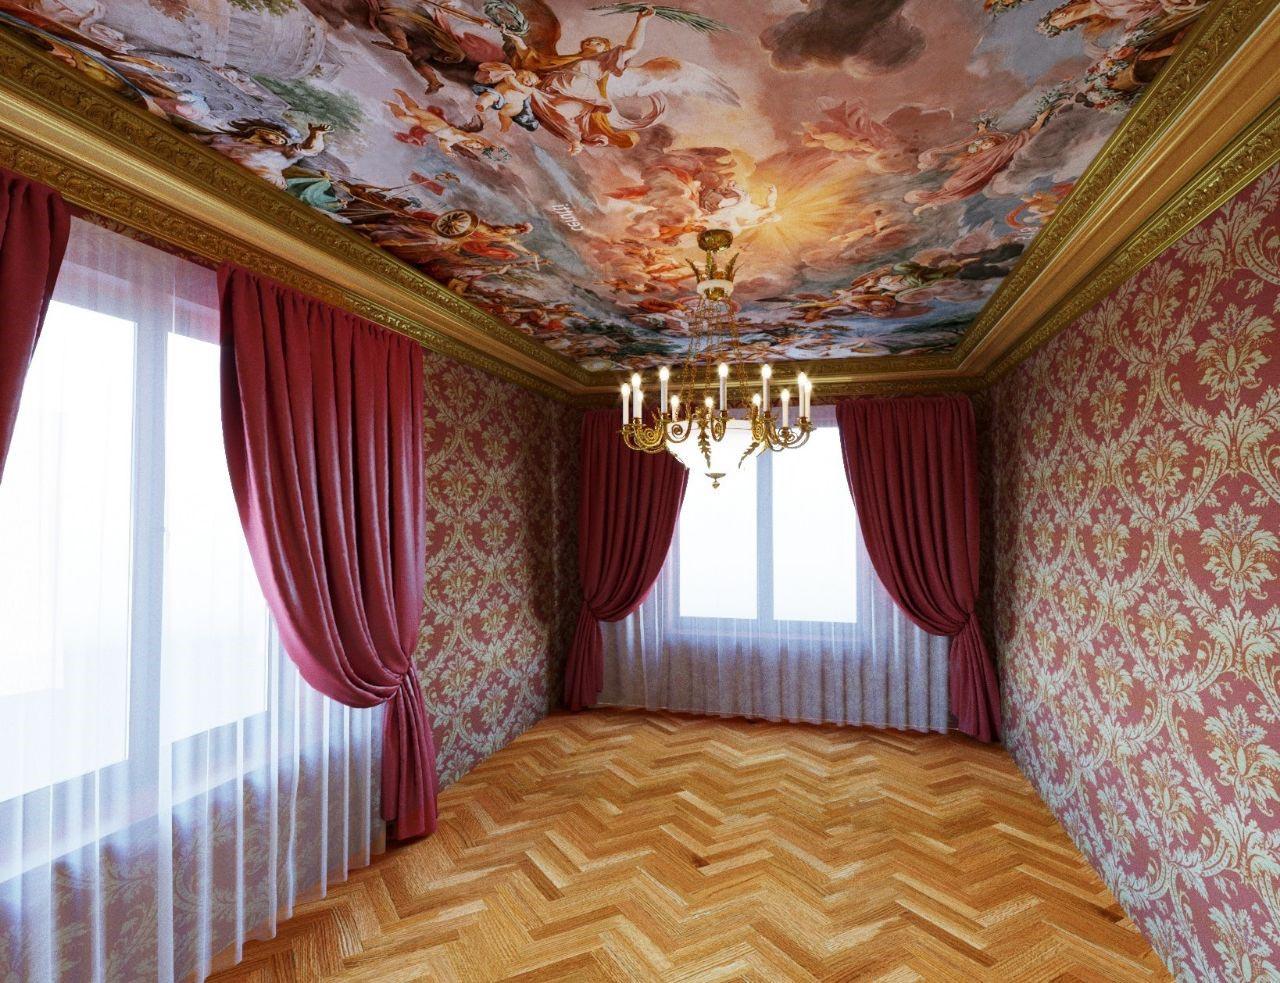 Малярные способы декорирования потолка фото обновляются как